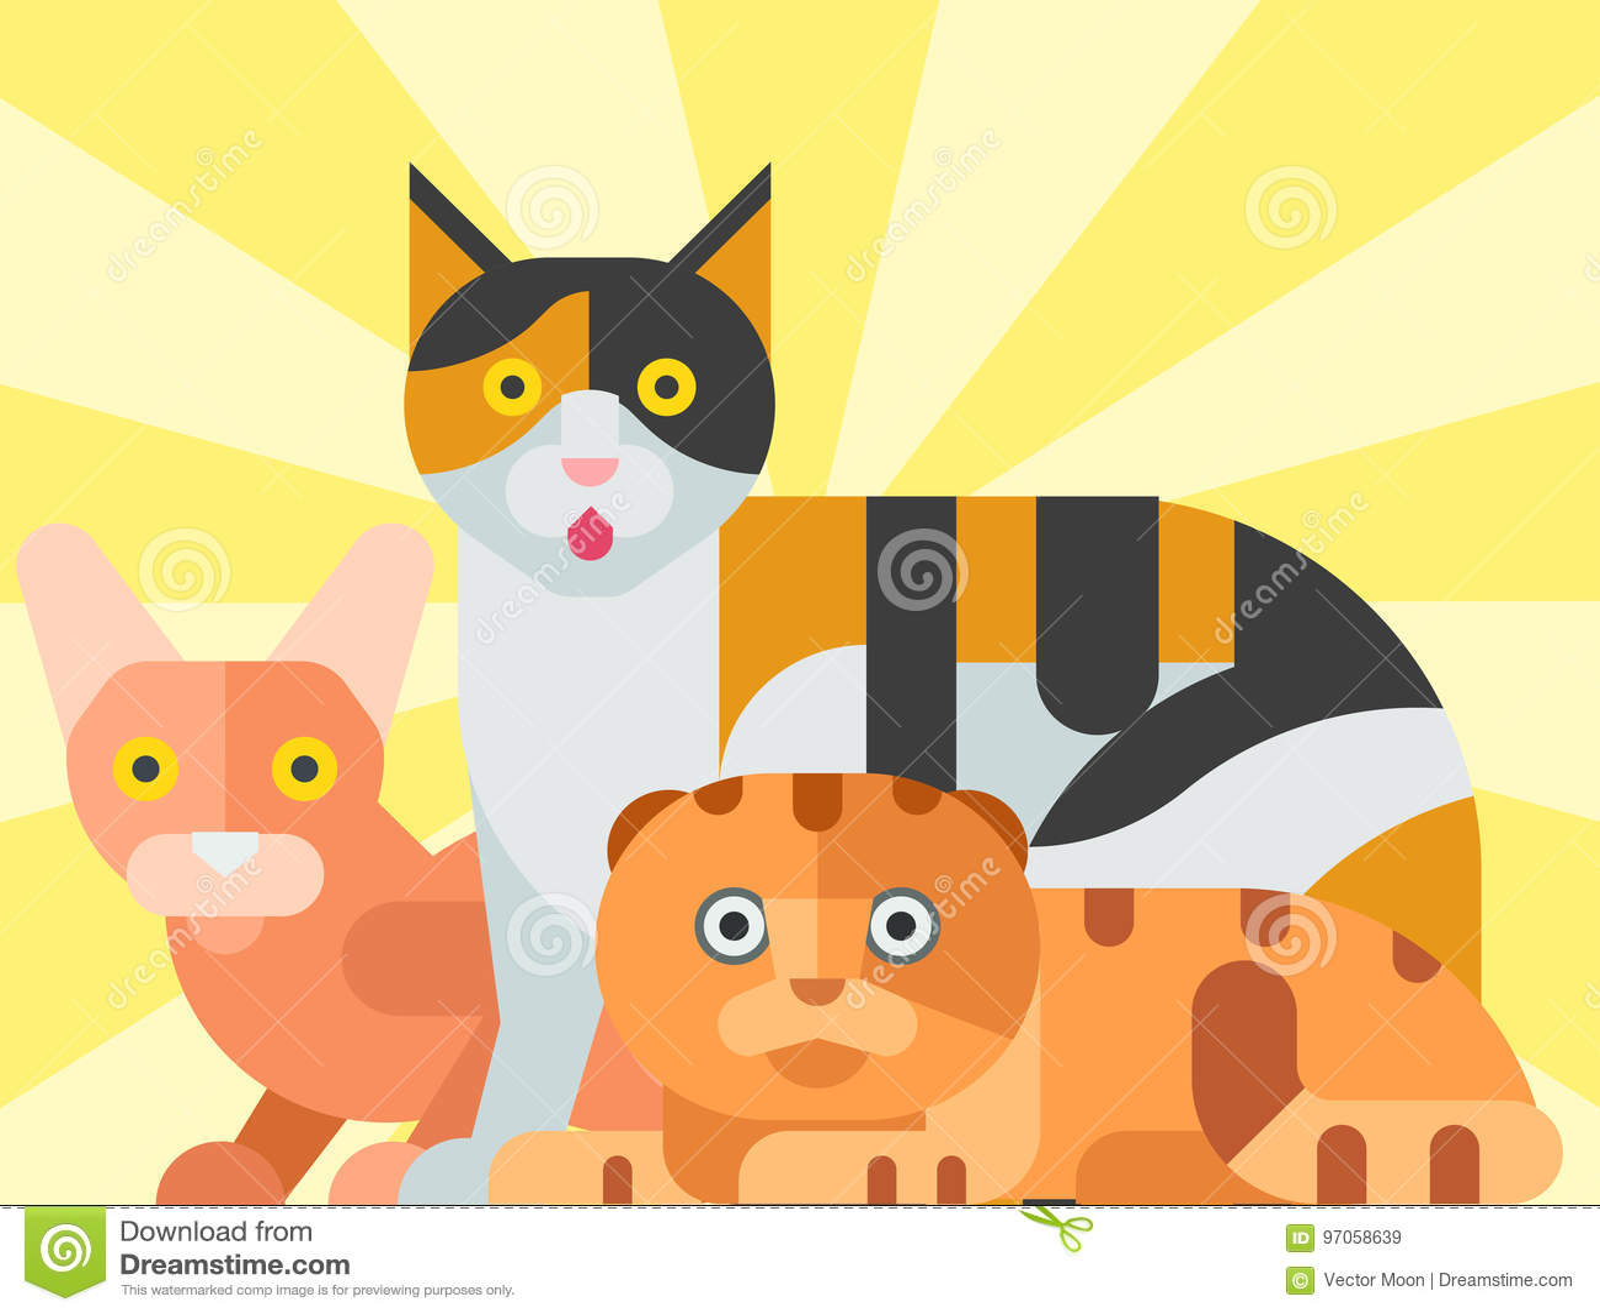 Animal familier à la mode de minou d illustration de vecteur de chats de chaton domestique félin décoratif drôle animal mignon de